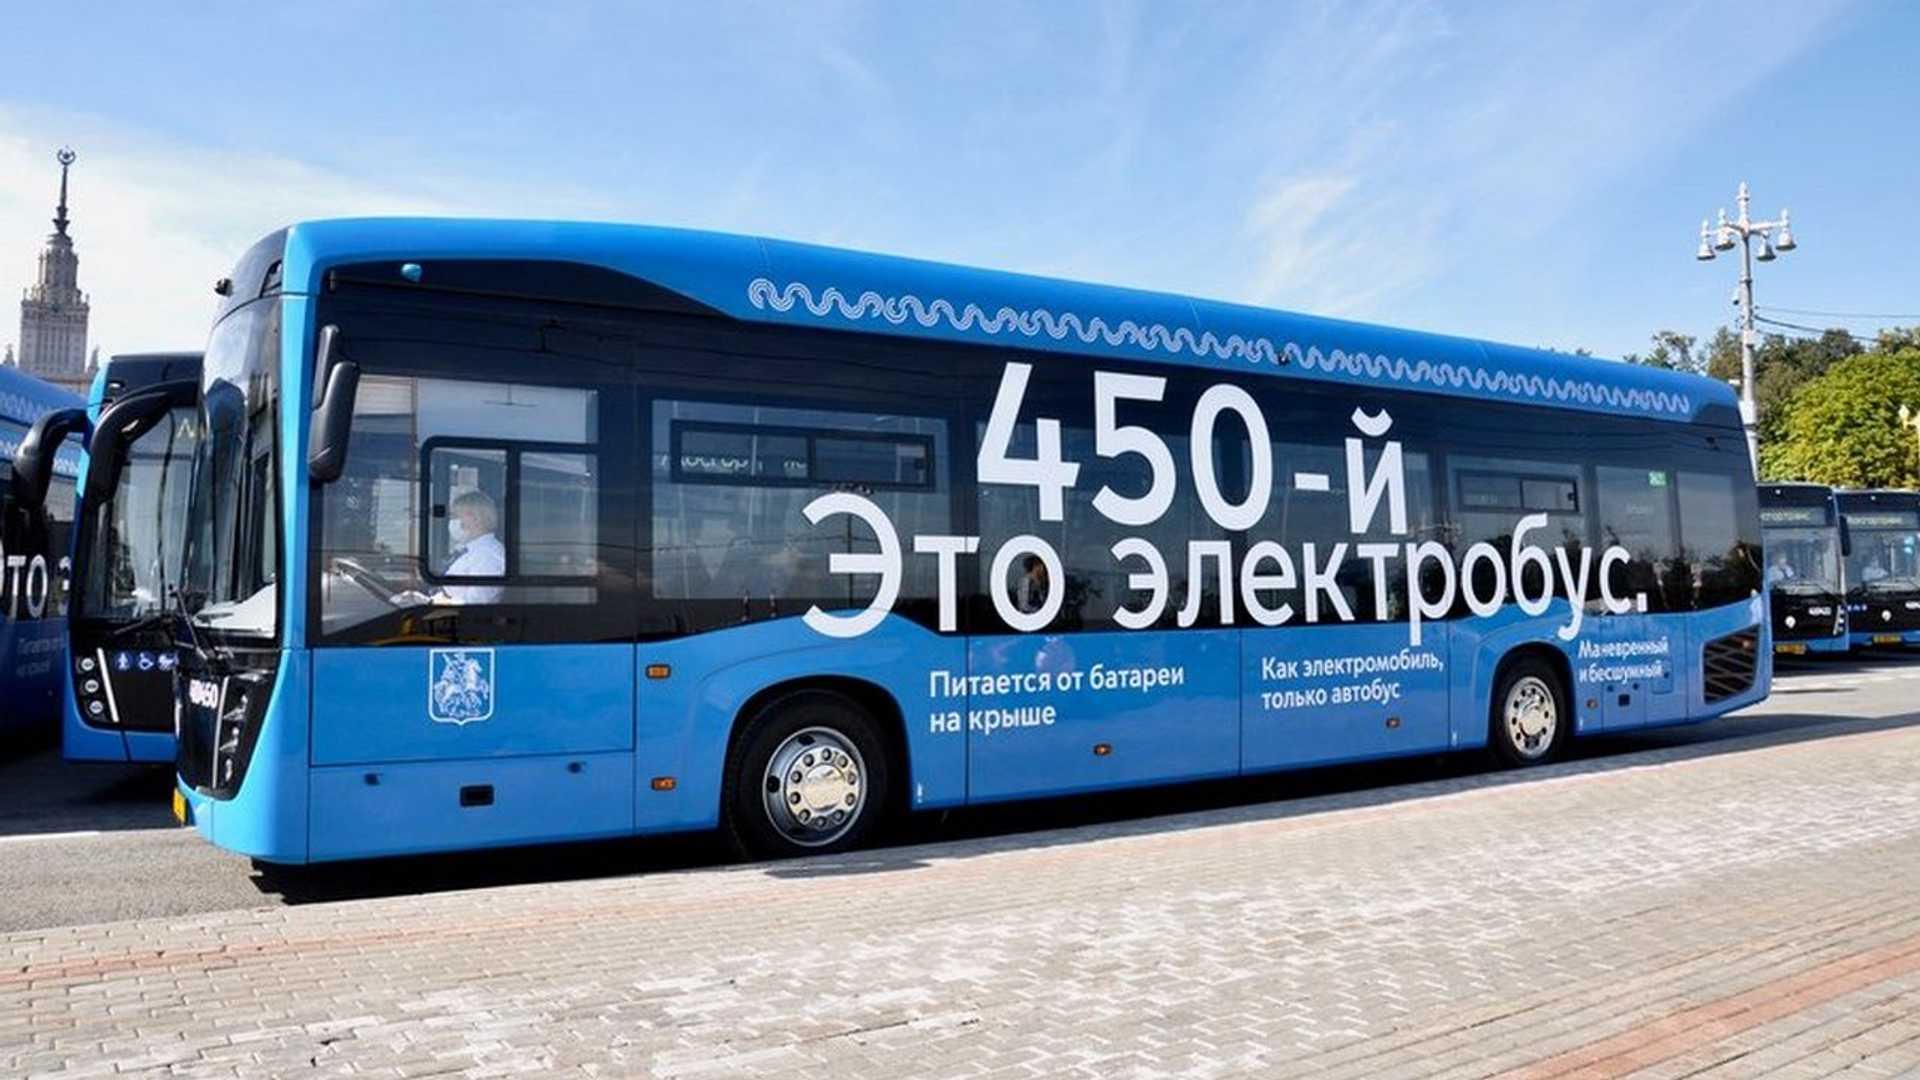 Moscou pretende ter 100% da frota de ônibus elétricos até 2025